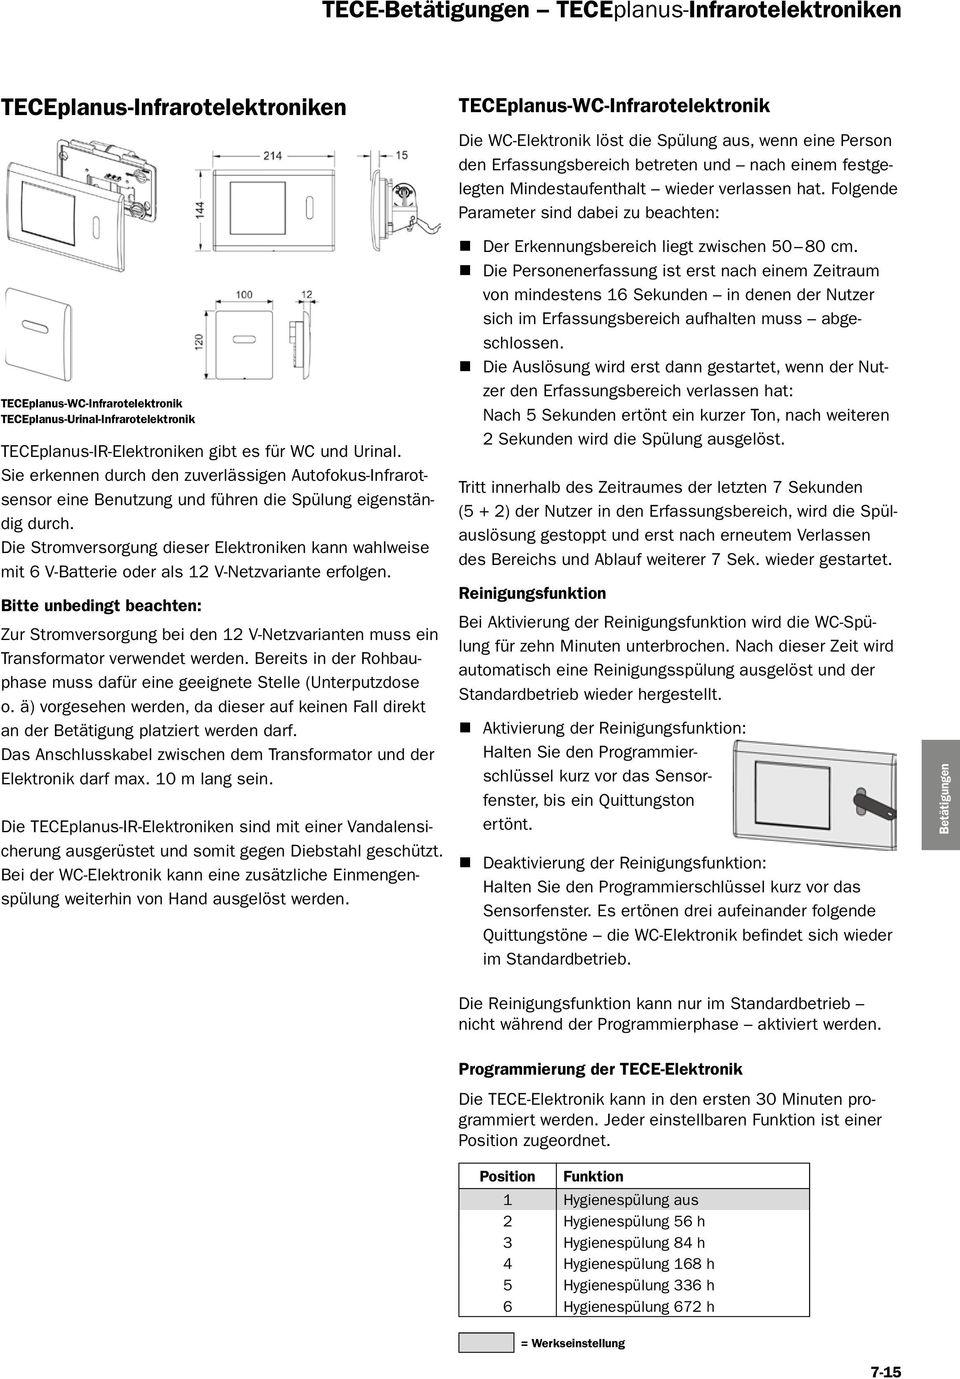 Full Size of Bettigungen Tece Technische Informationen Pdf Drutex Fenster Test Bewässerungssysteme Garten Betten Dusch Wc Sicherheitsfolie Wohnzimmer Teceone Test